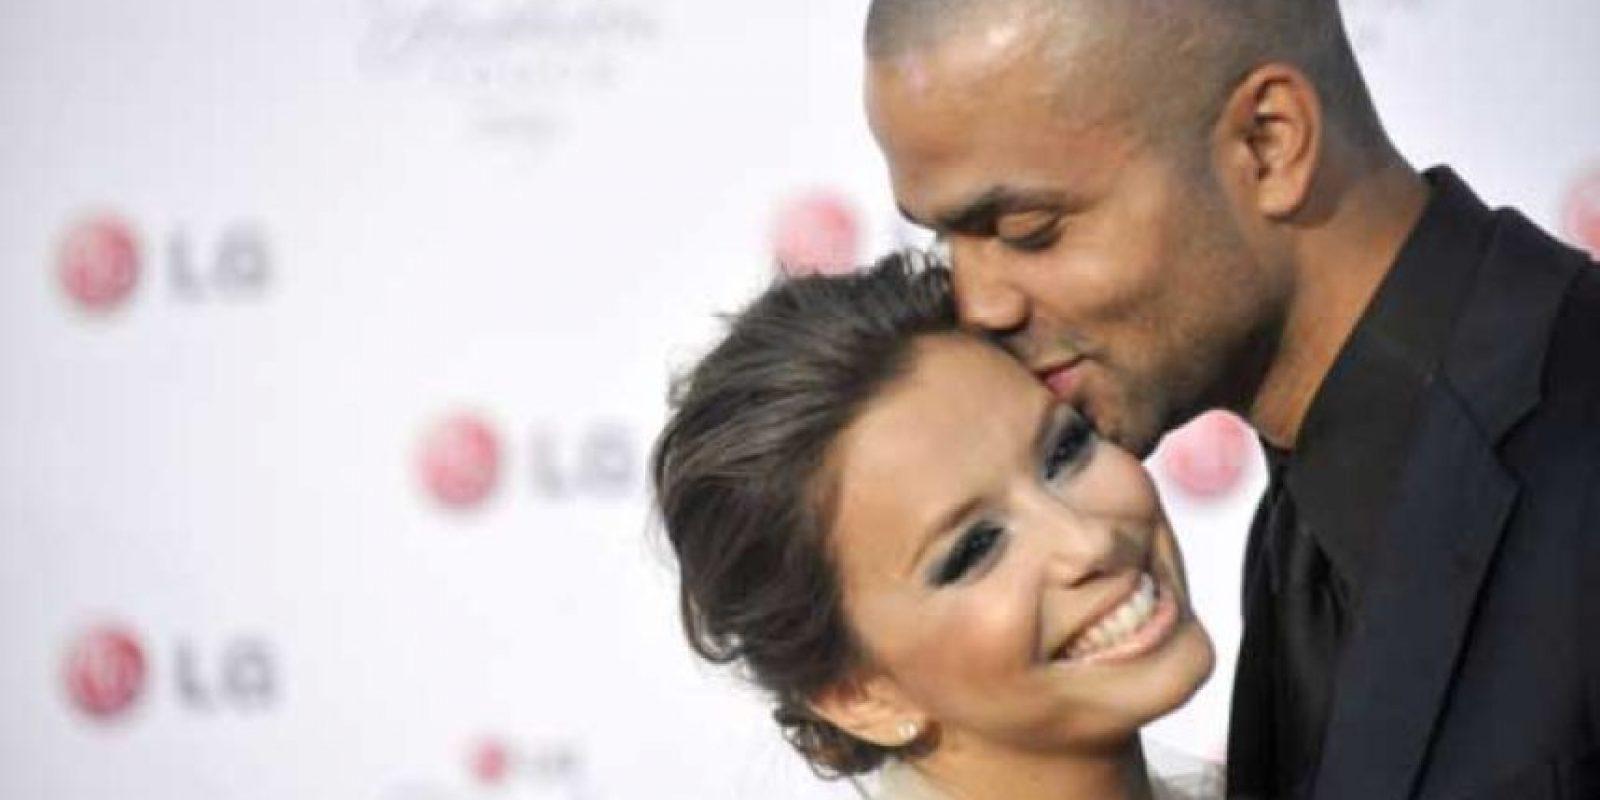 Y en 2007 volvió a encontrar el amor en el jugador de baloncesto Tony Parker Foto:Getty Images. Imagen Por: